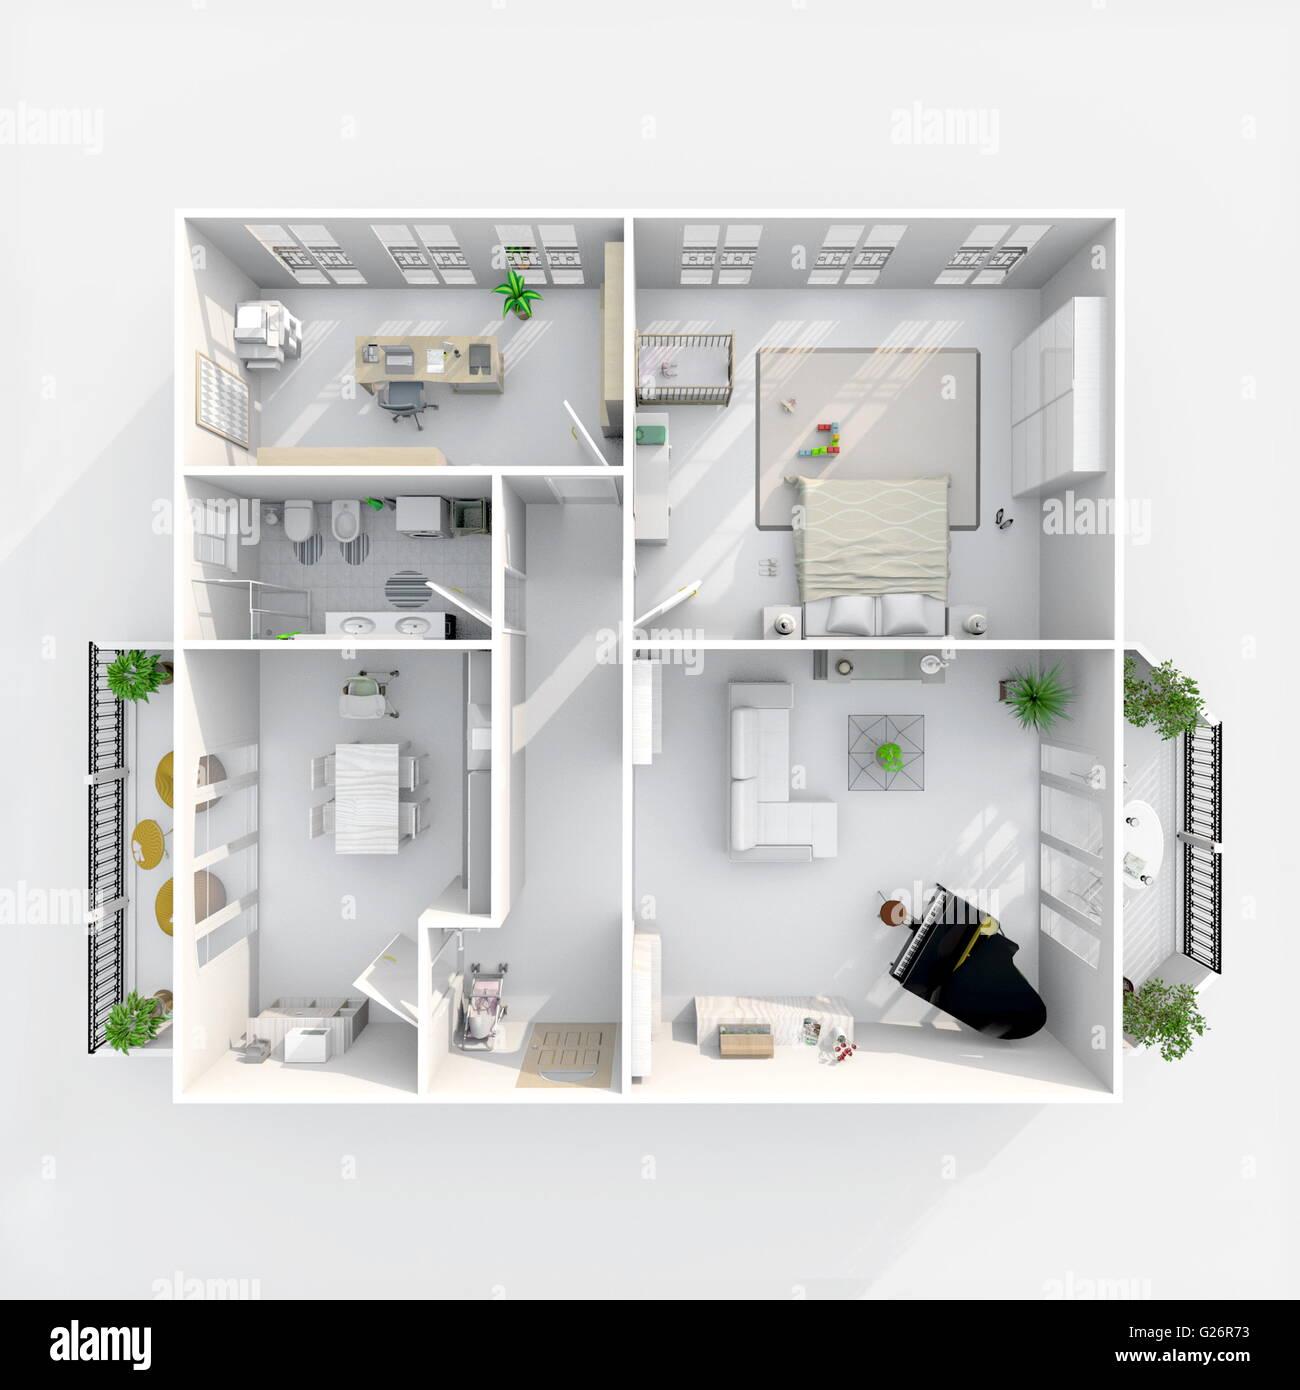 Piante Da Appartamento 3d.3d Interni Rendering Vista In Pianta Della Casa Arredato